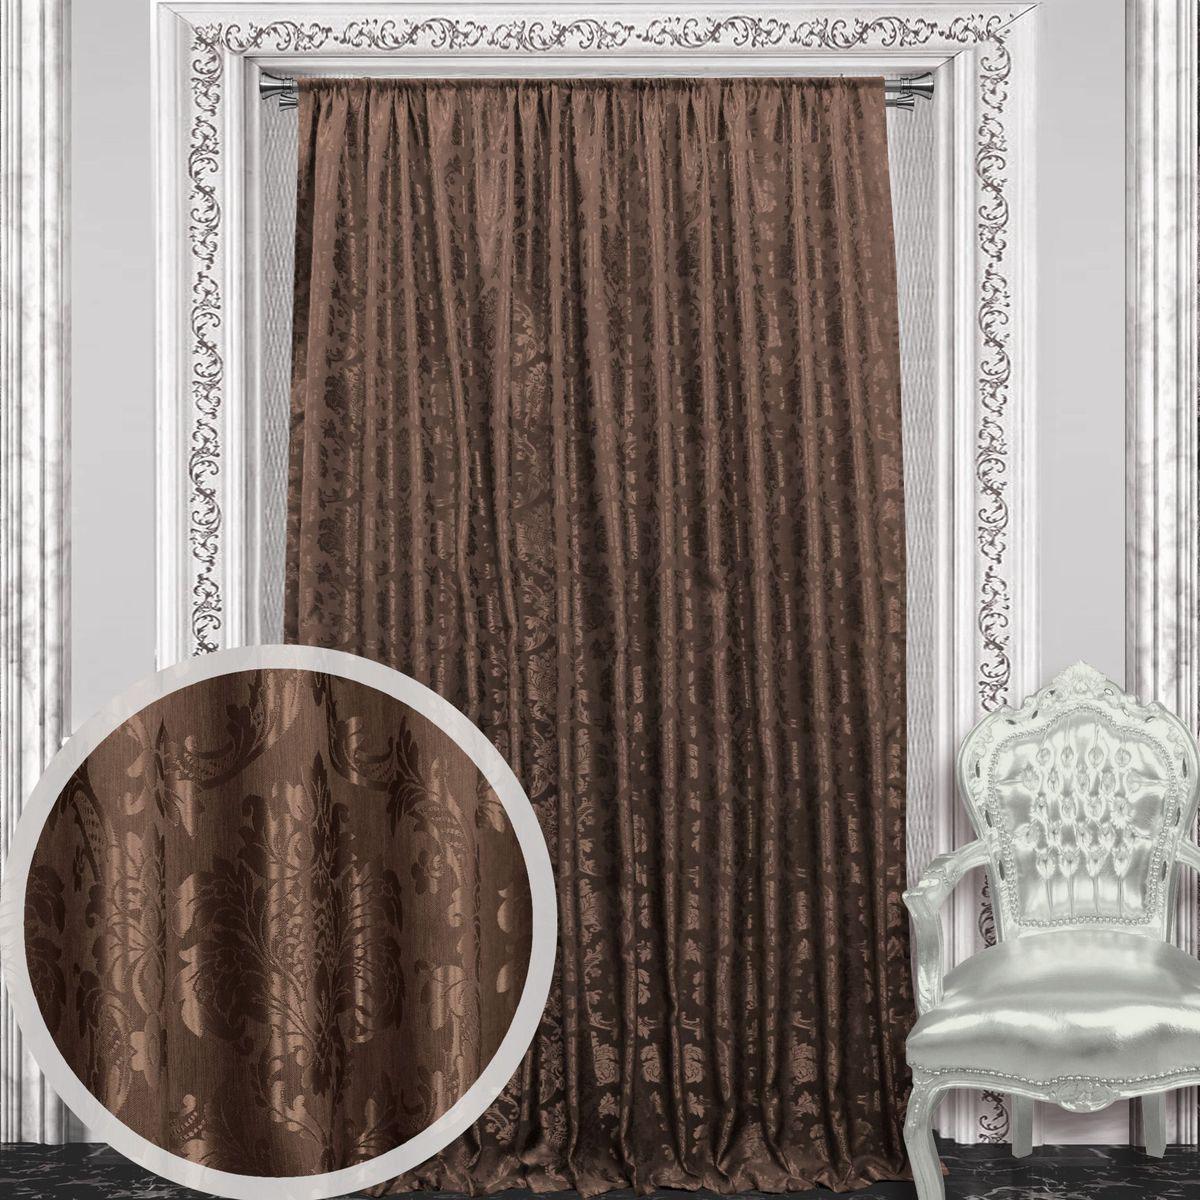 Штора Amore Mio, 200 х 270 см, 1 шт., цвет: коричневый. 8605486054